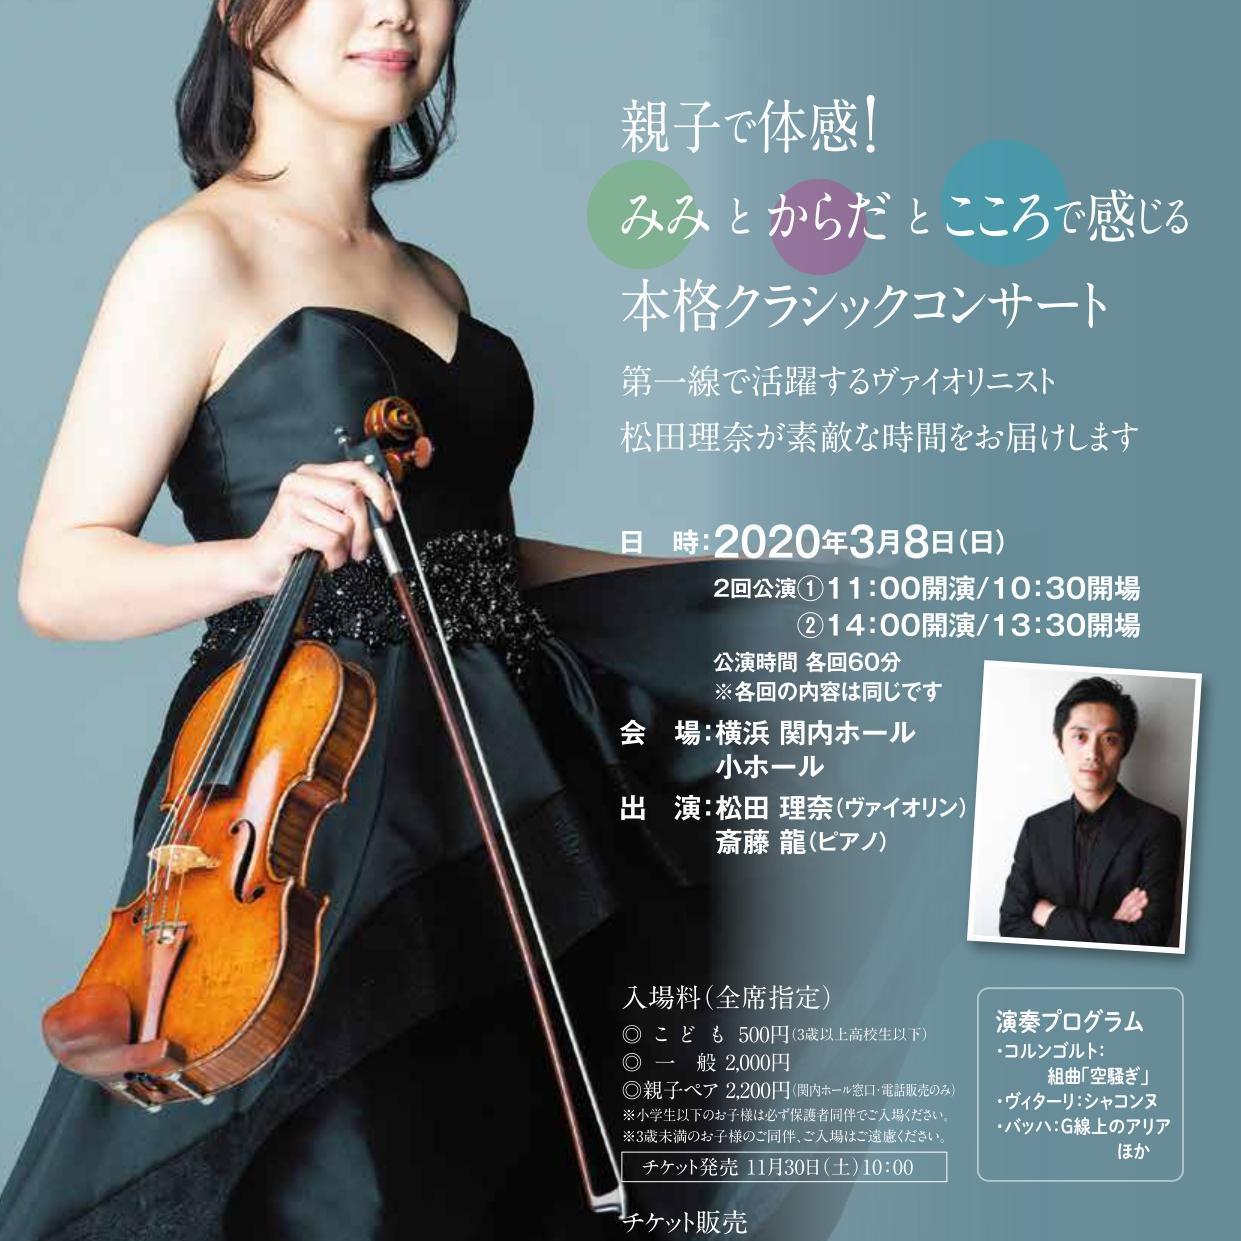 きっず・meet・みゅーじっく Vol.2松田理奈 ヴァイオリンコンサート のイメージ